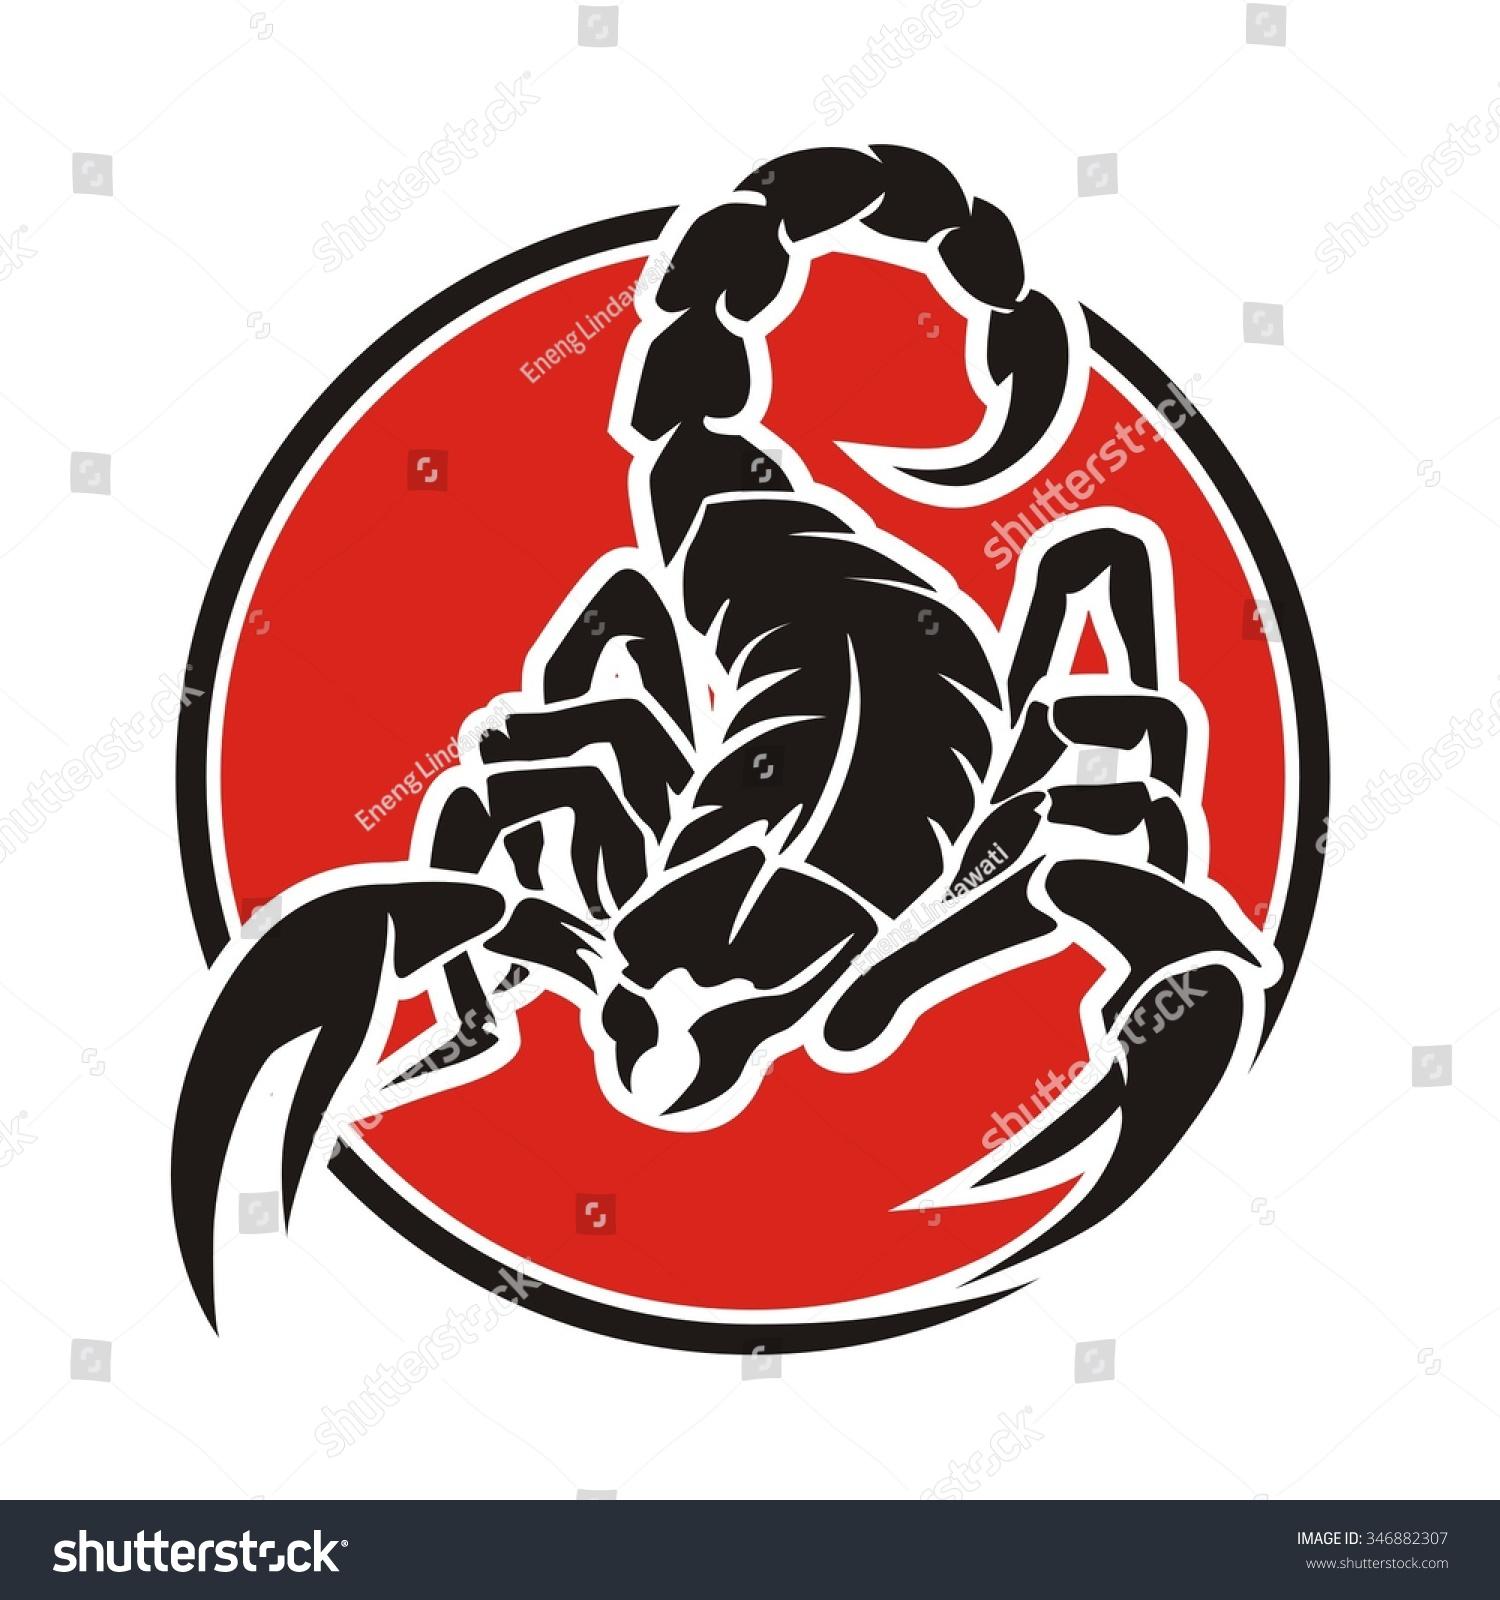 蝎子圆红-动物/野生生物-海洛创意(hellorf)-中国